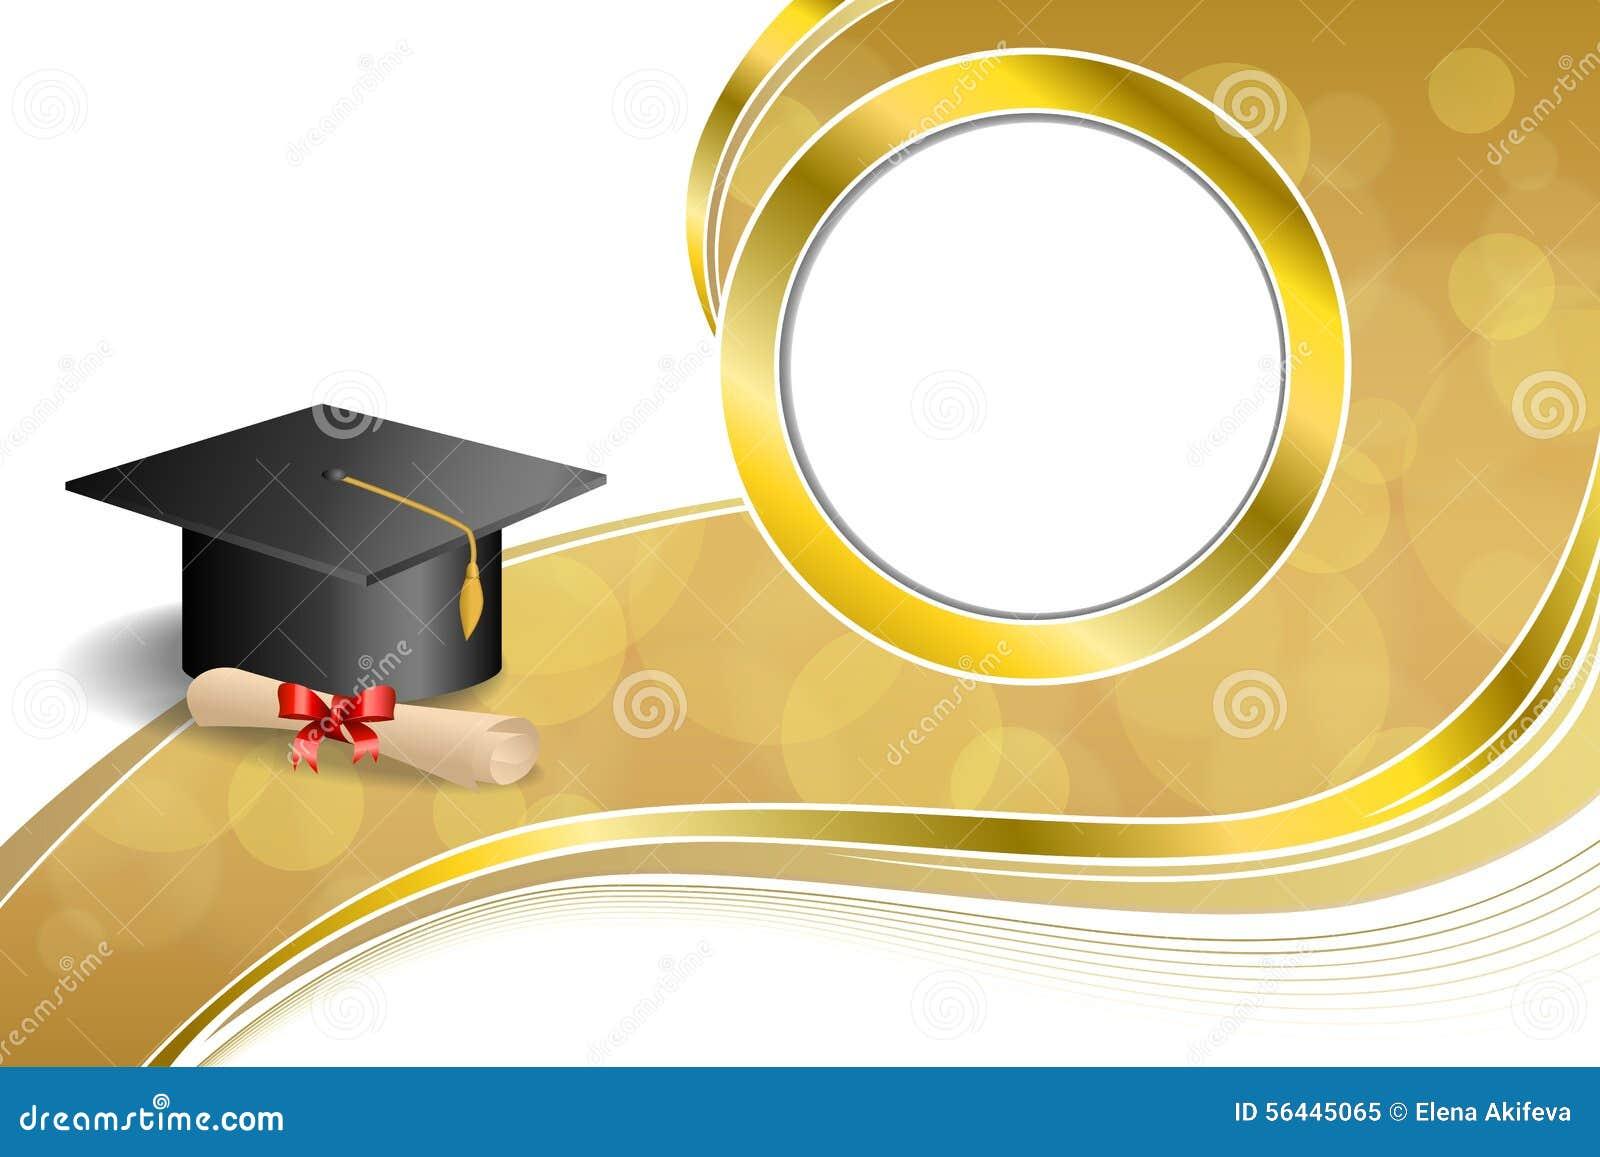 Диплома крышки градации образования предпосылки иллюстрация рамки круга золота смычка абстрактного бежевого красная